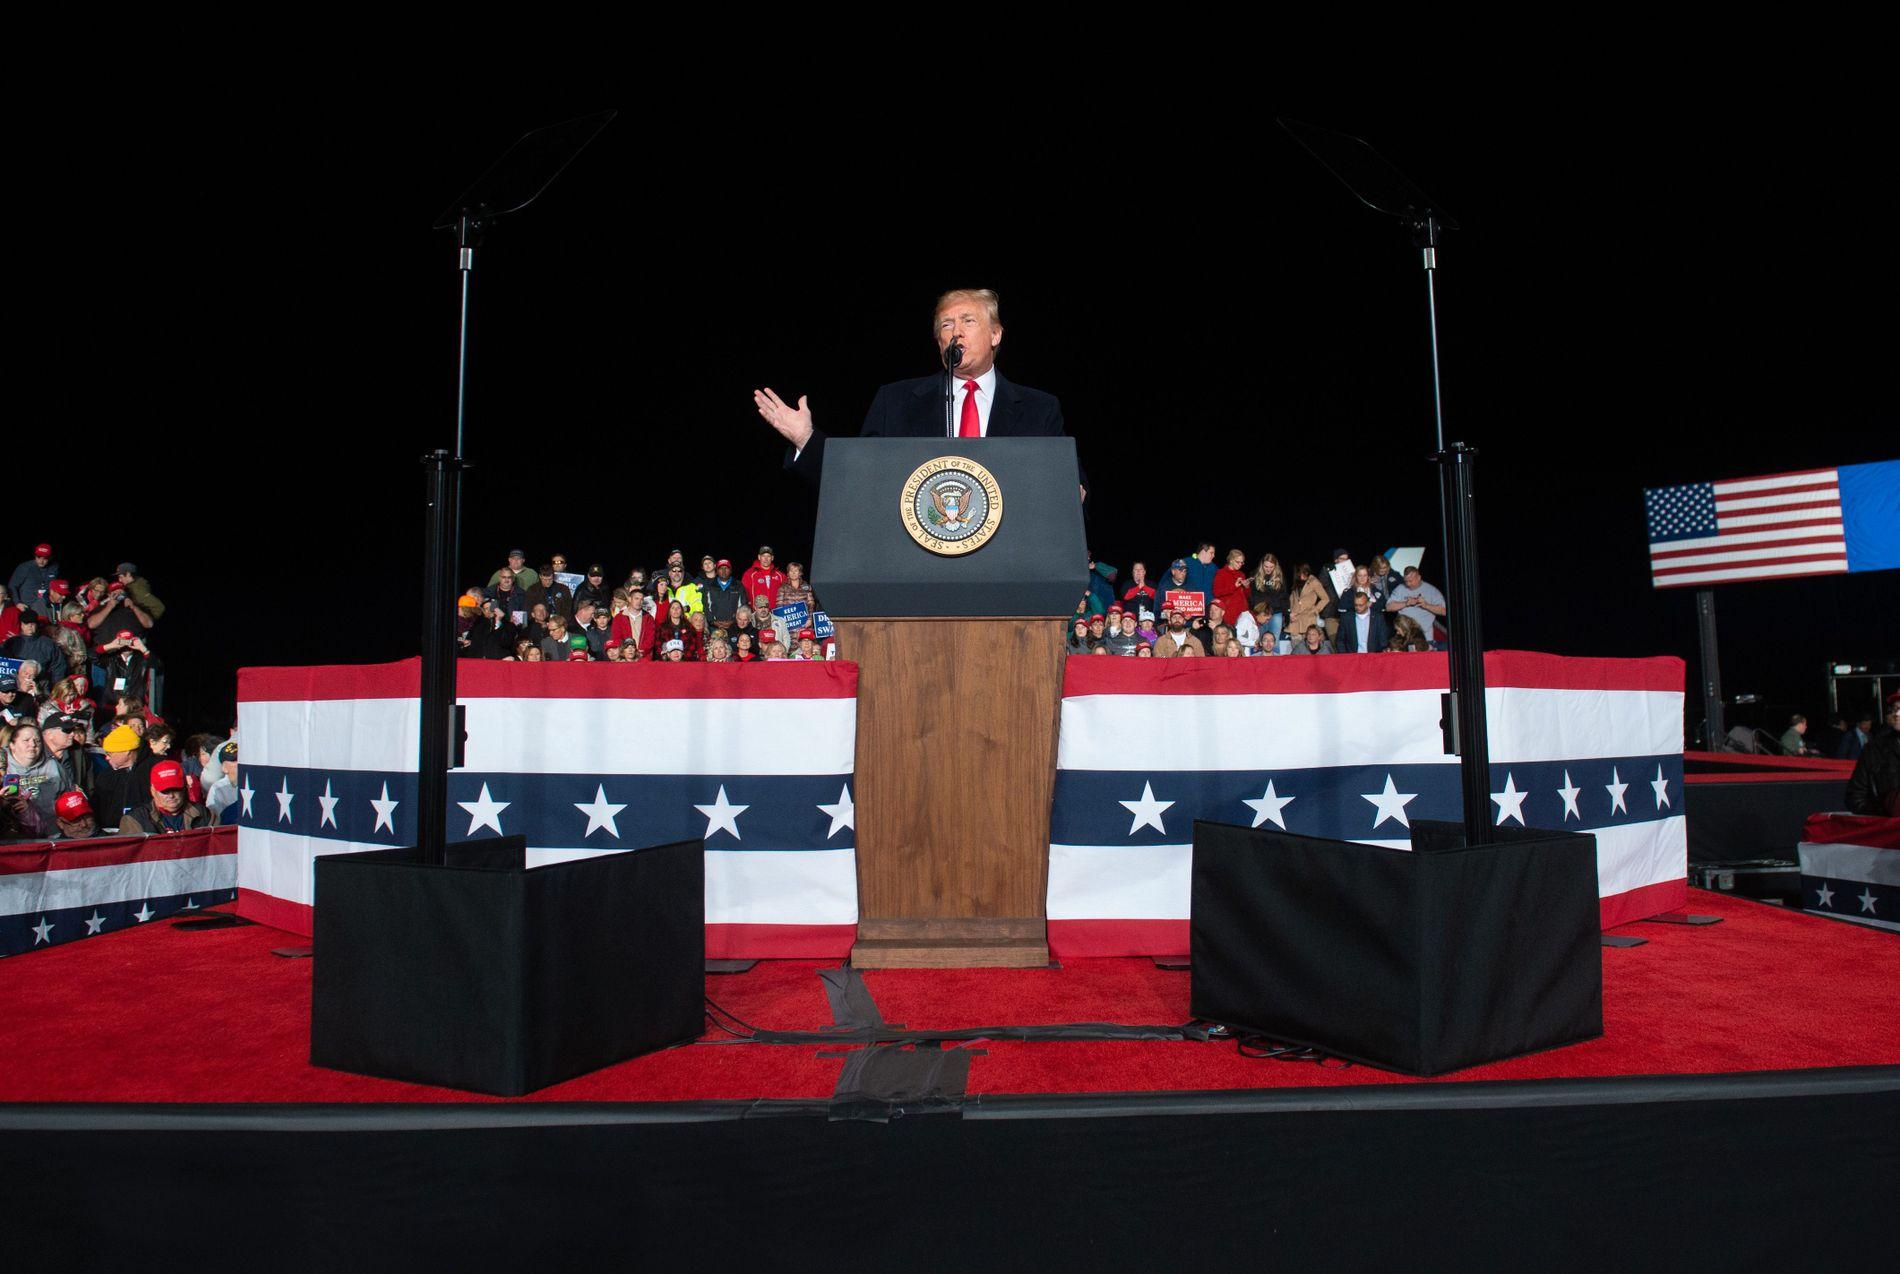 OMTALTE BOMBEBREV: Da Donald Trump møtte velgerne sine i Wisconsin onsdag kveld tonet han ned ordbruken sin kraftig. Årsak: De skremmende funnene i New York tidligere på dagen. –  Enhver form for trusler om politisk vold er et angrep på demokratiet, sa USAs president til stor jubel fra salen.